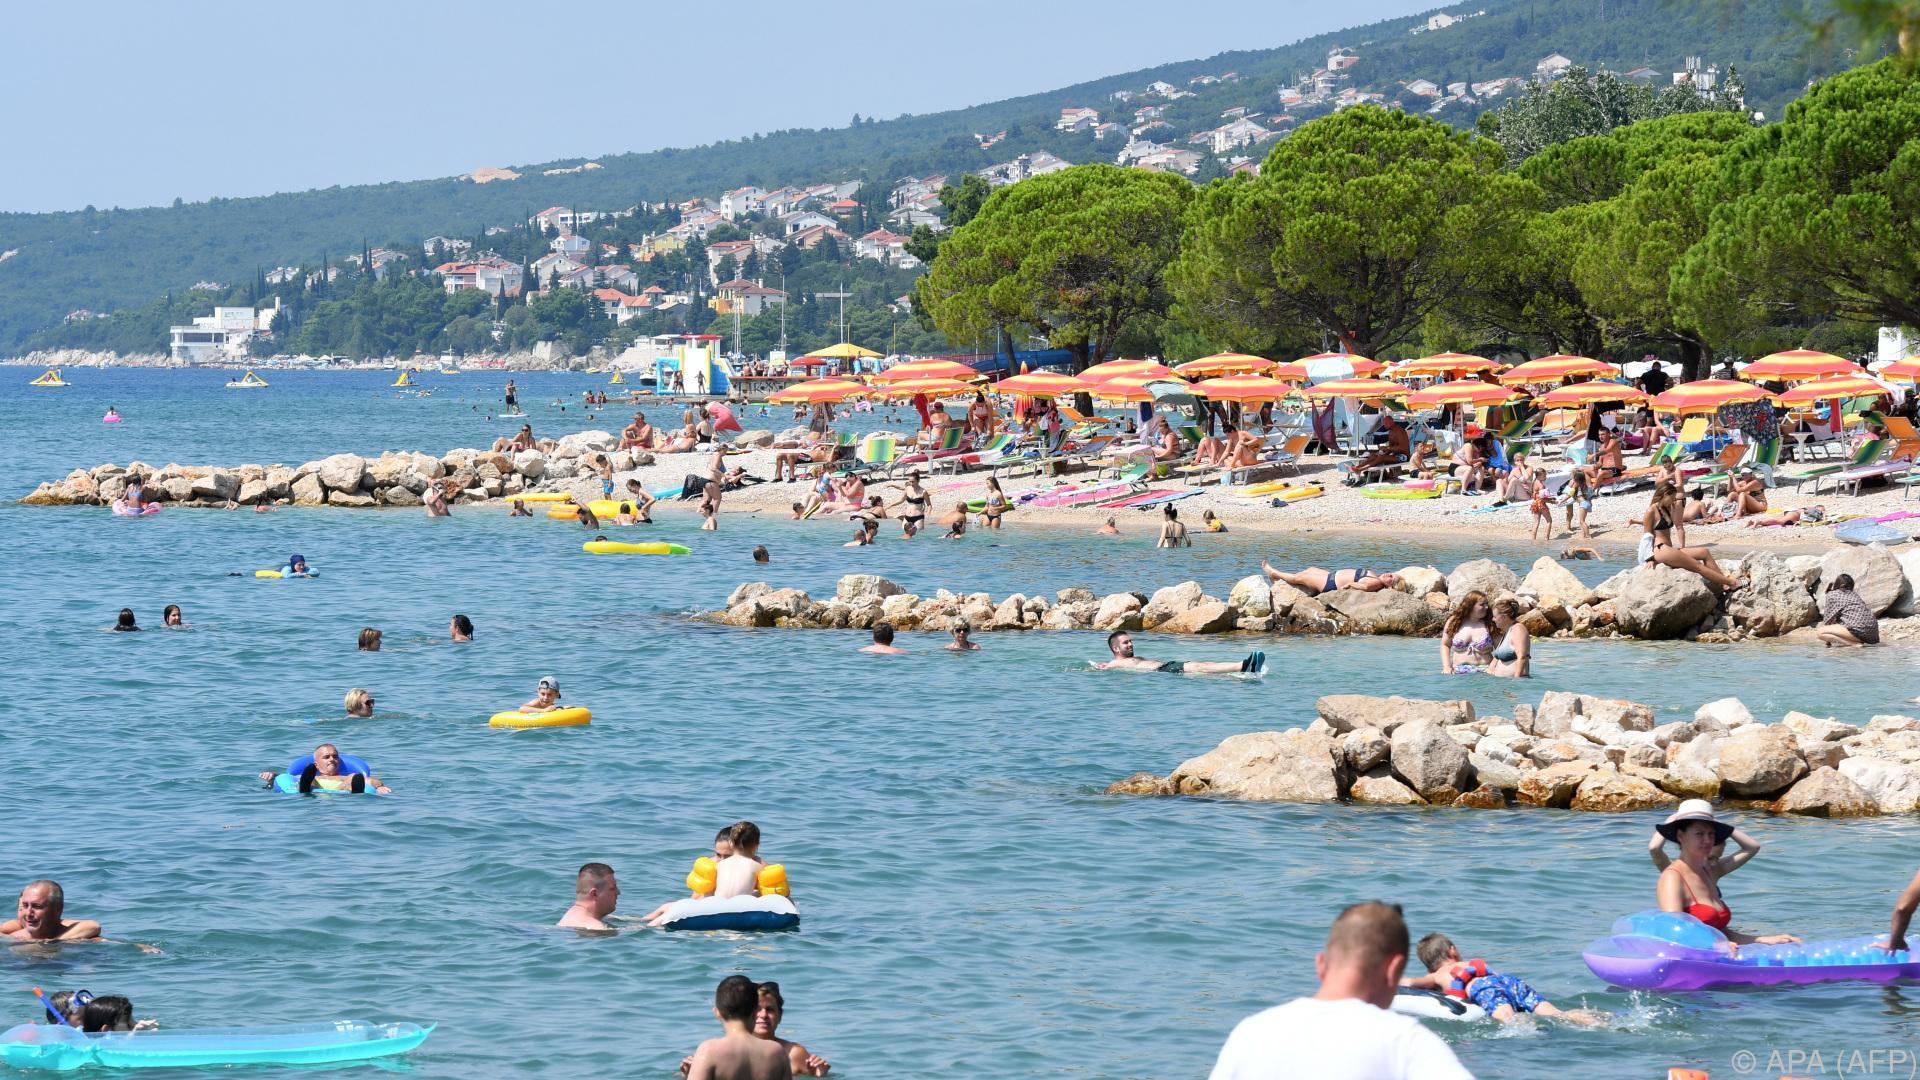 Urlaub in Kroatien ist nun nicht mehr ganz so leicht